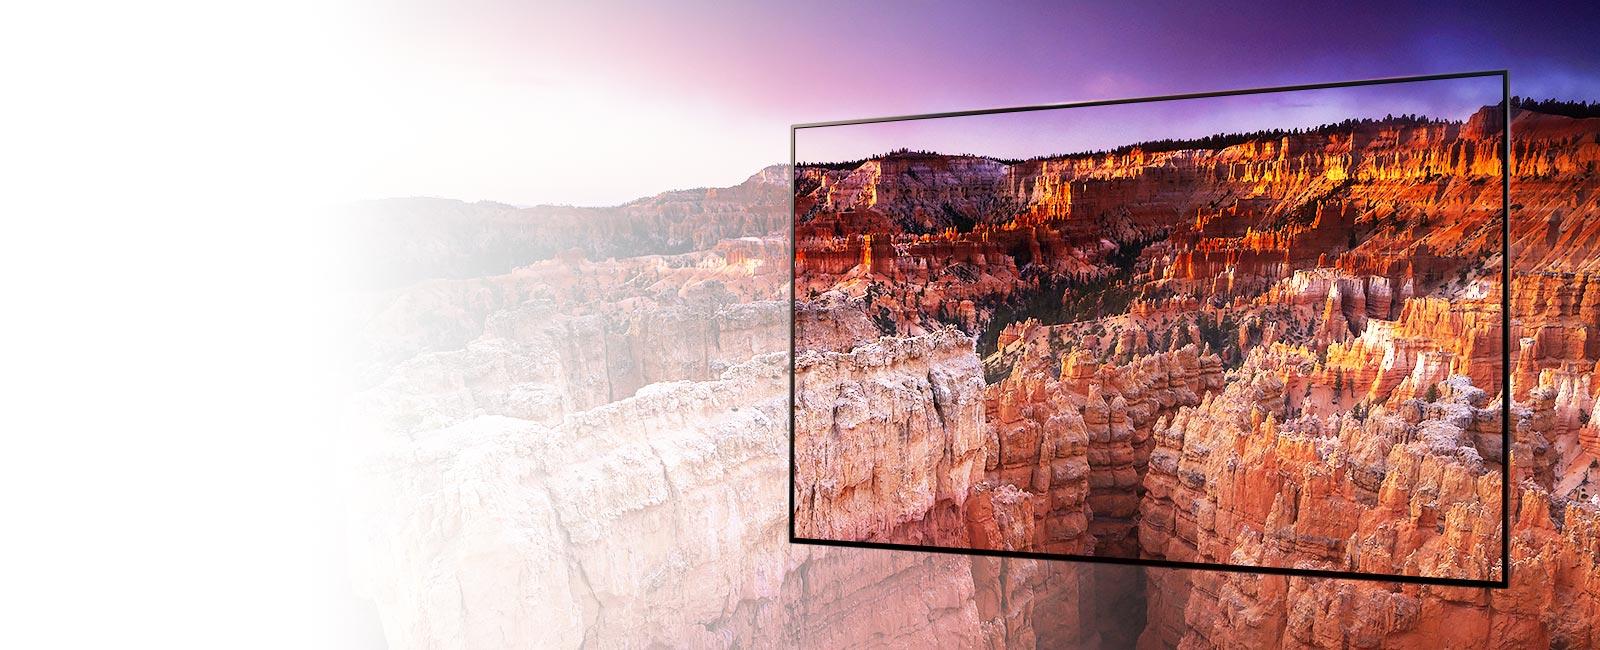 Okvir koji bilježi krajolik Nacionalnog parka Bryce Canyon